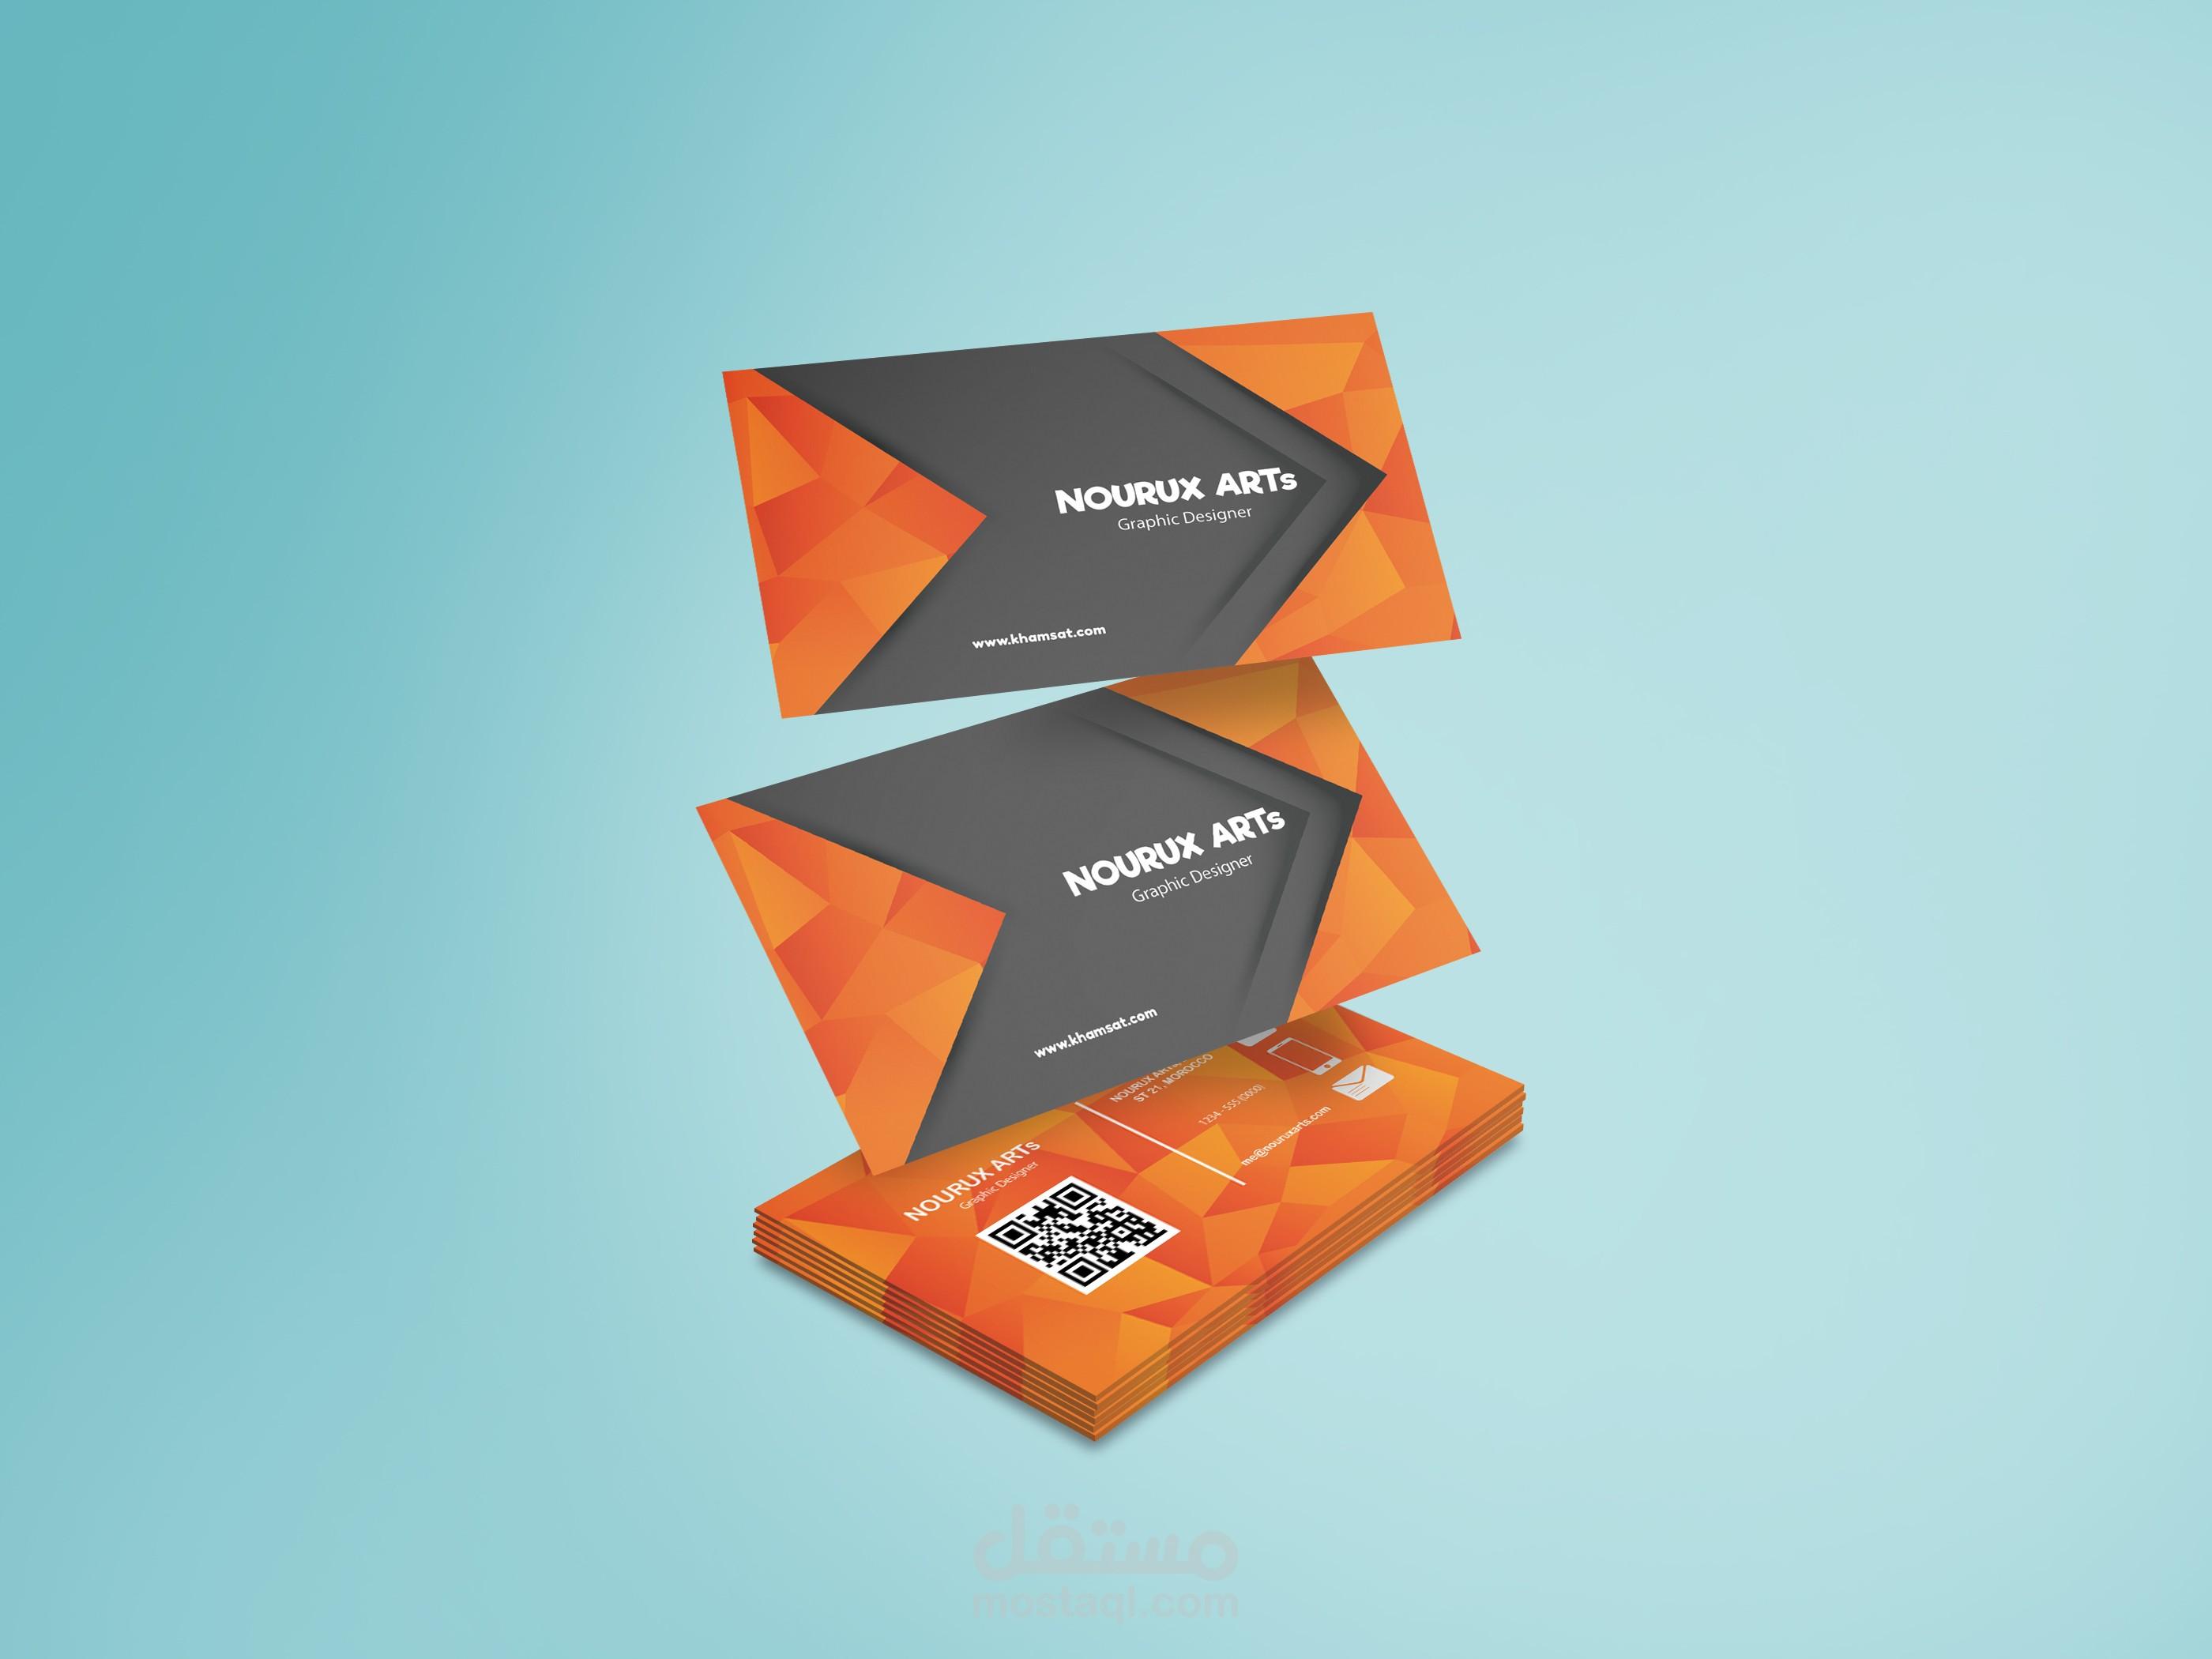 تصميم بطاقات الأعمال | Business Cards